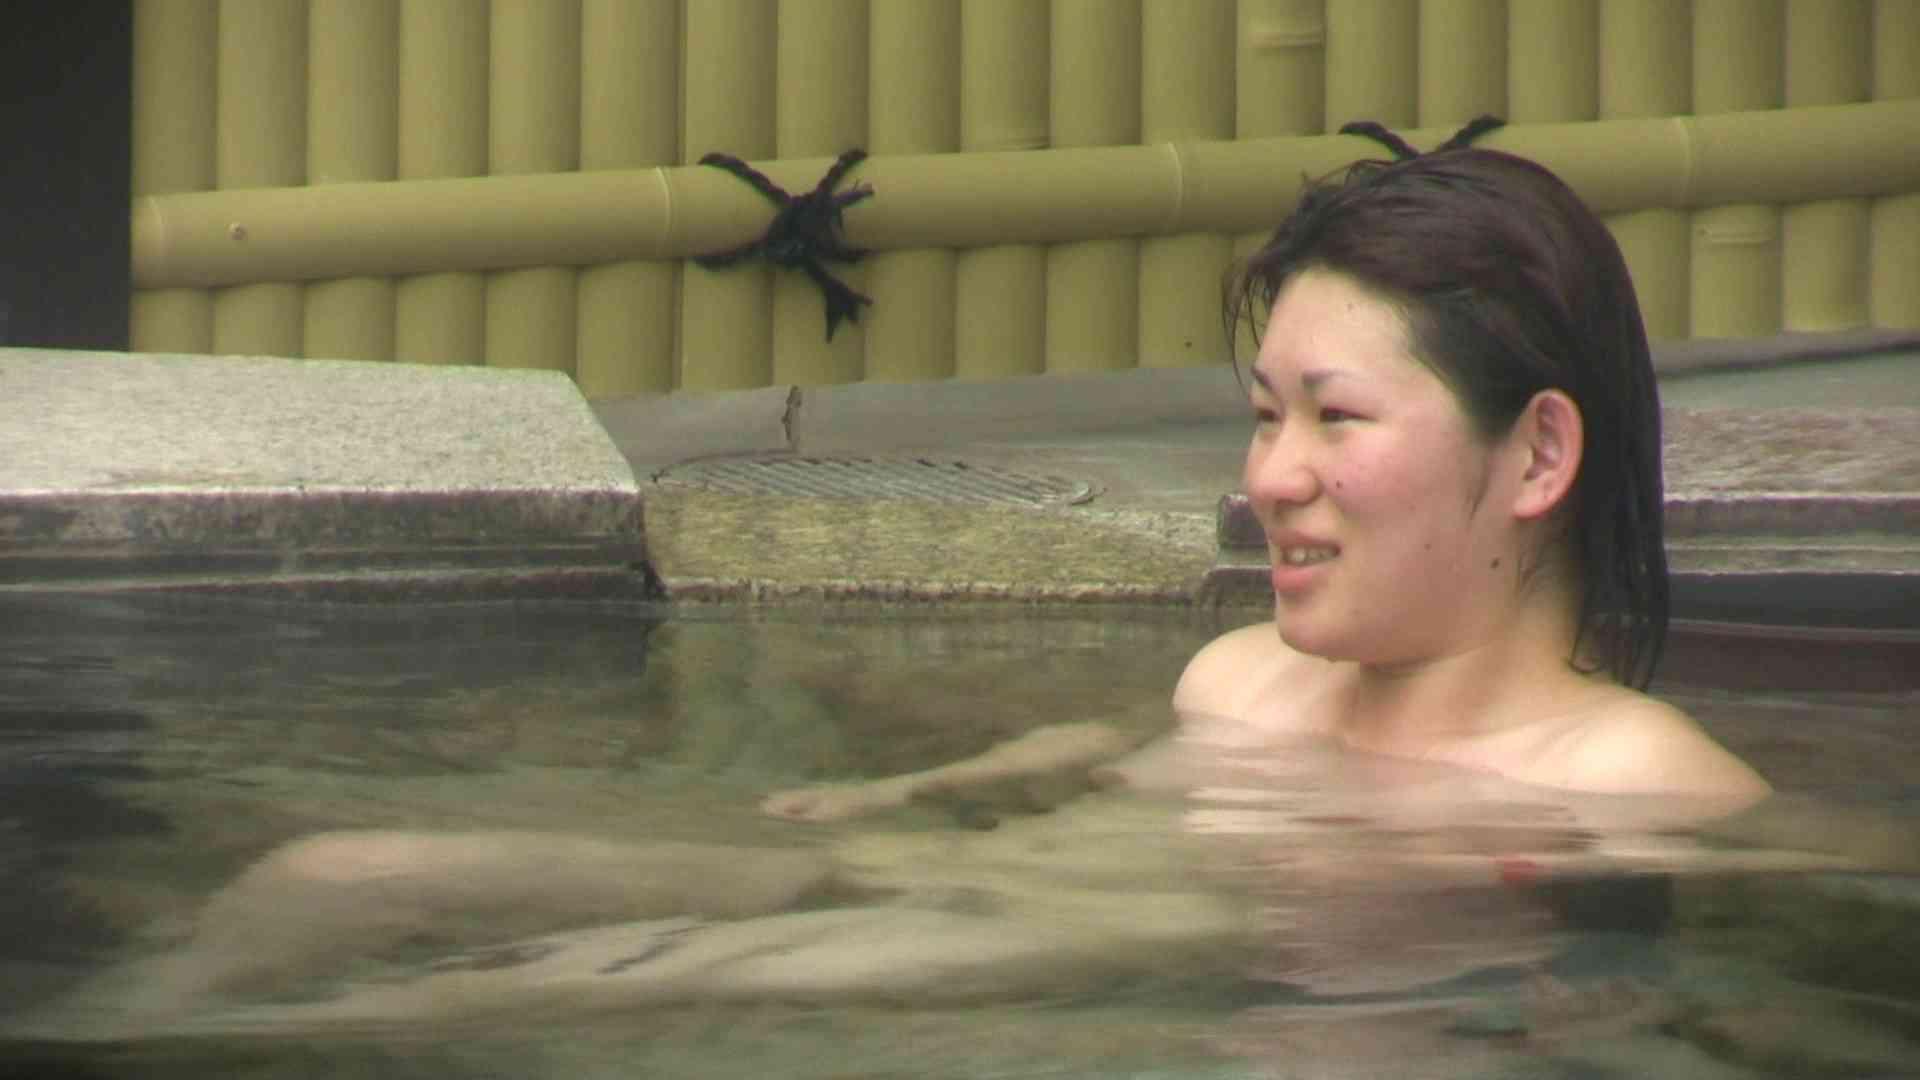 Aquaな露天風呂Vol.673 露天 盗み撮り動画キャプチャ 104PICs 92